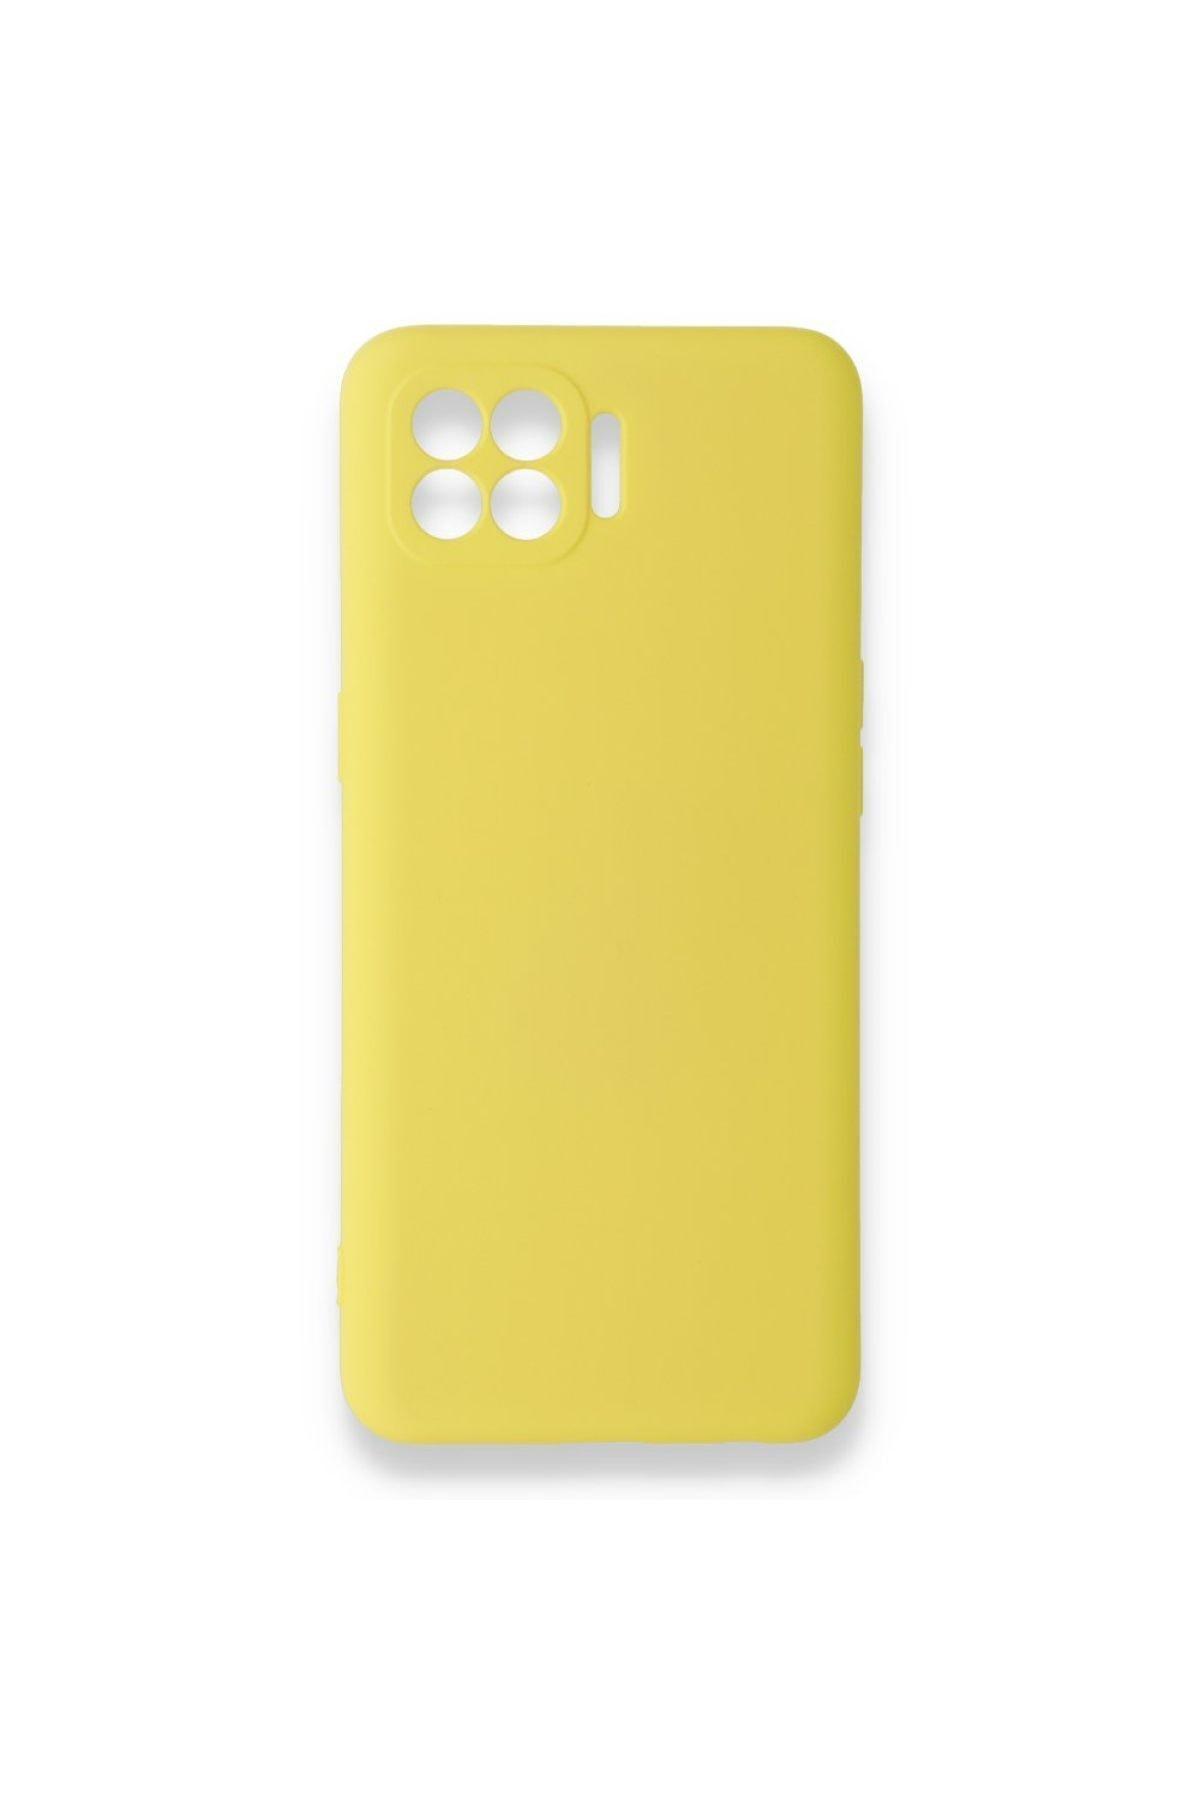 Reno 4 Lite Uyumlu Içi Kadife Yumuşak Silikon Kılıf Sarı